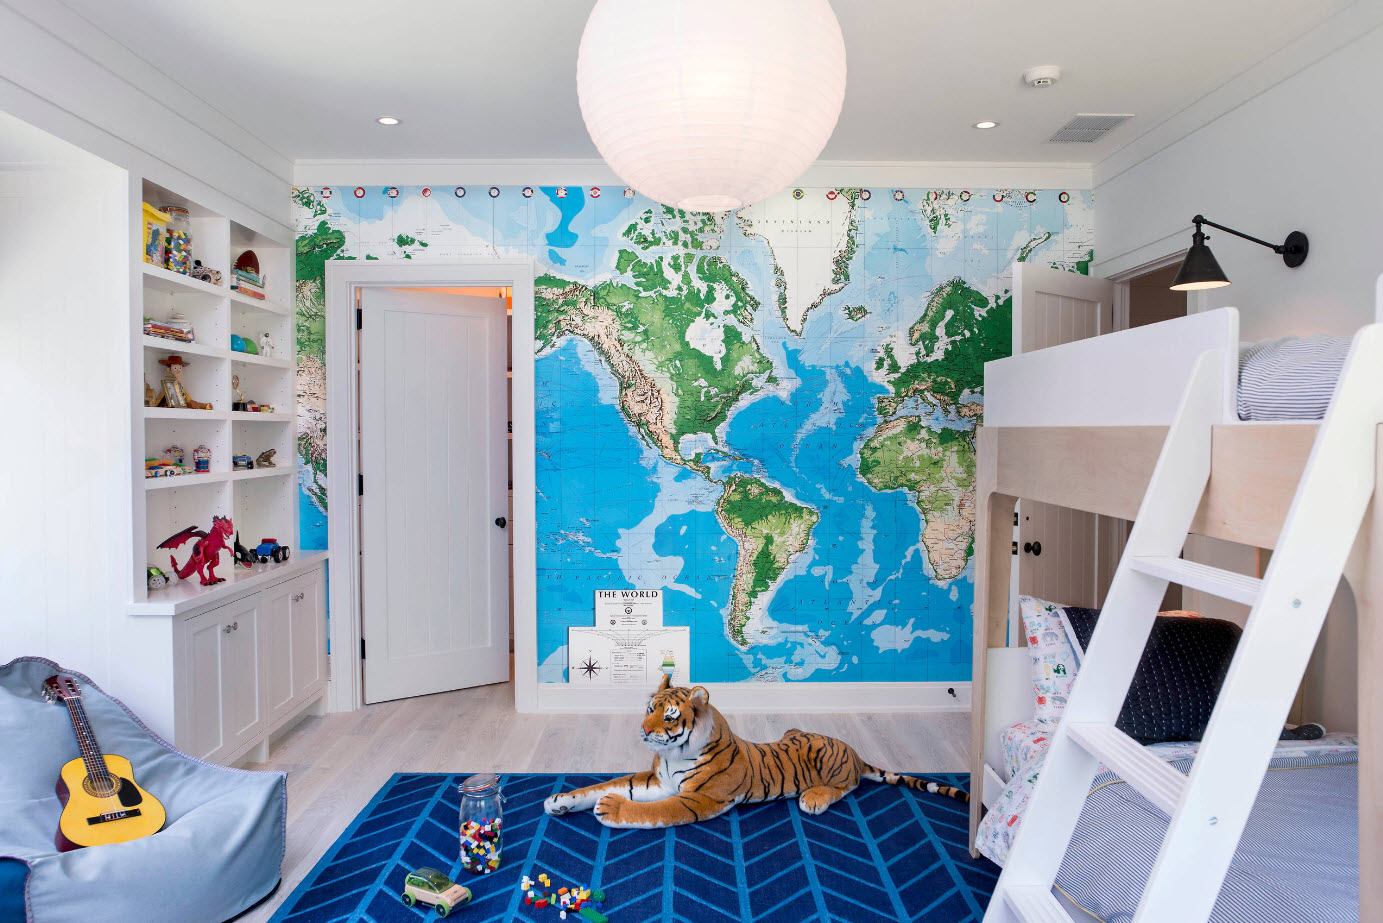 Карта мира в качестве акцента